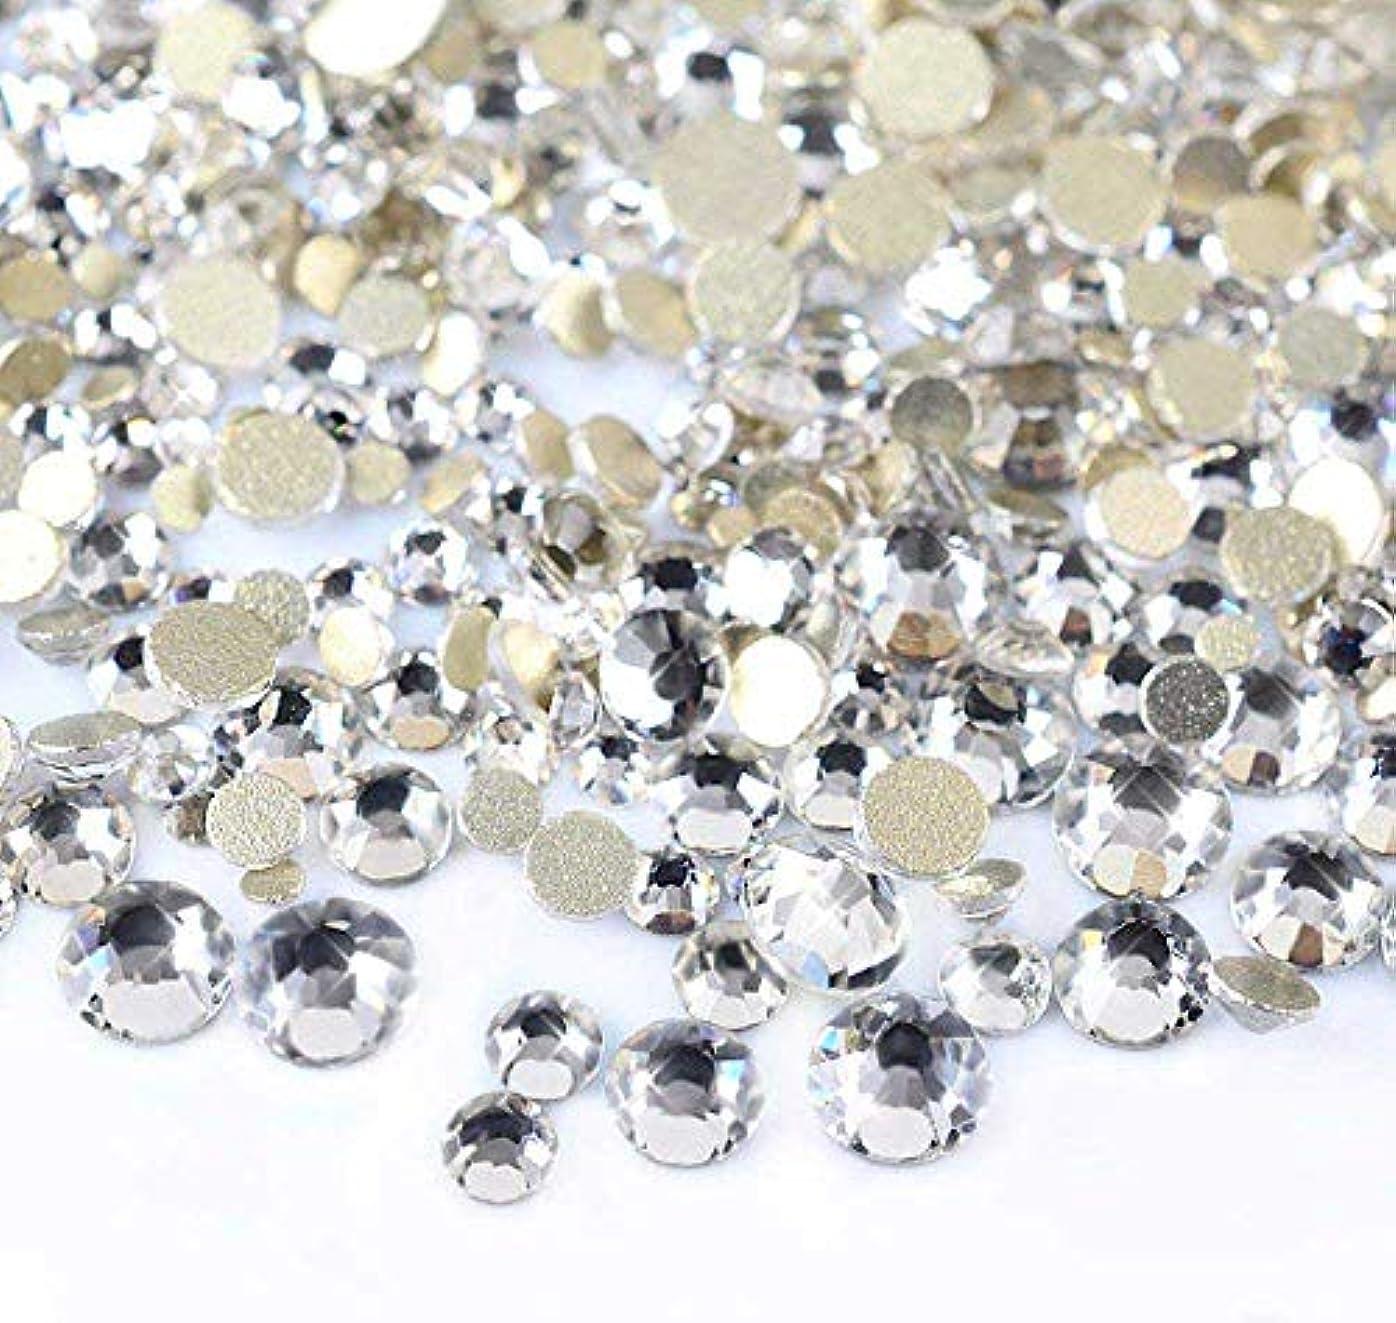 腕歴史的まさにTigre Amore ラインストーン ネイル用ストーン ガラス 製 大容量 5000粒 セット